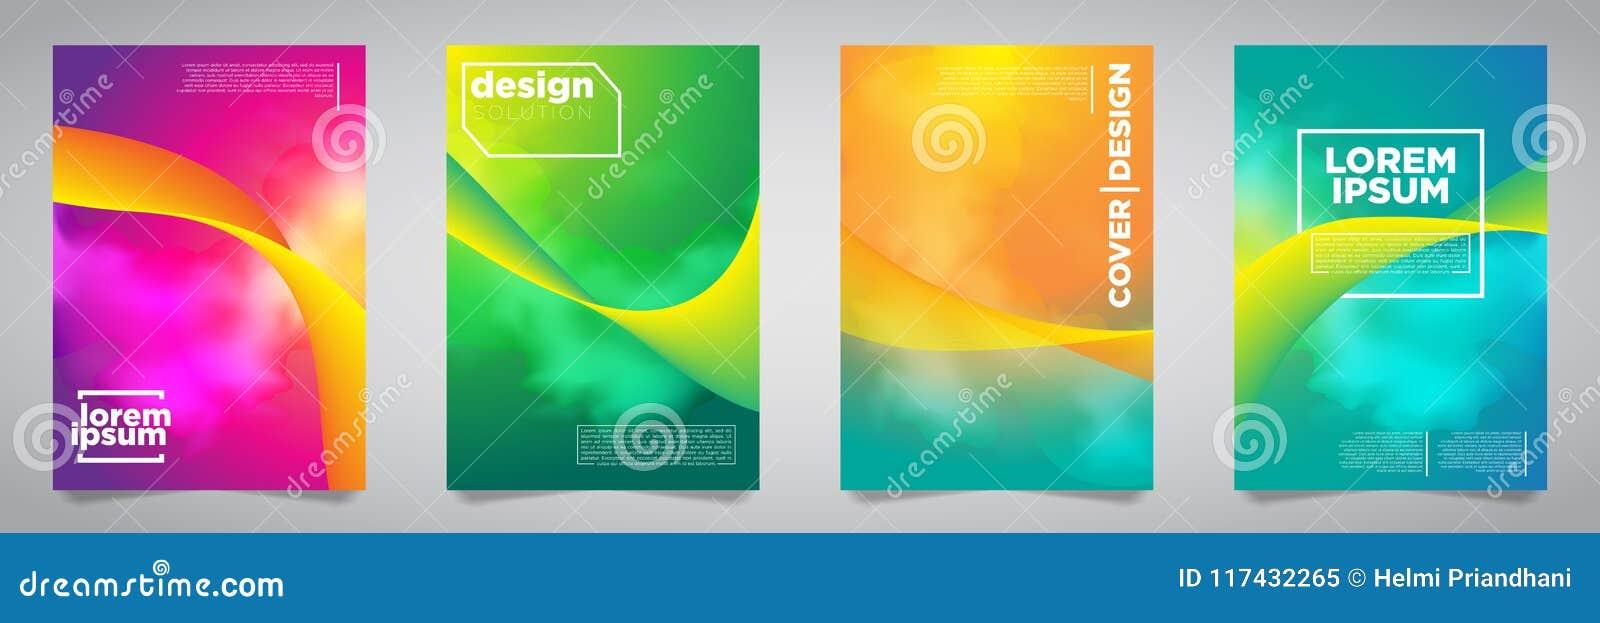 Красочный футуристический минималистский дизайн крышек Иллюстрация вектора EPS10